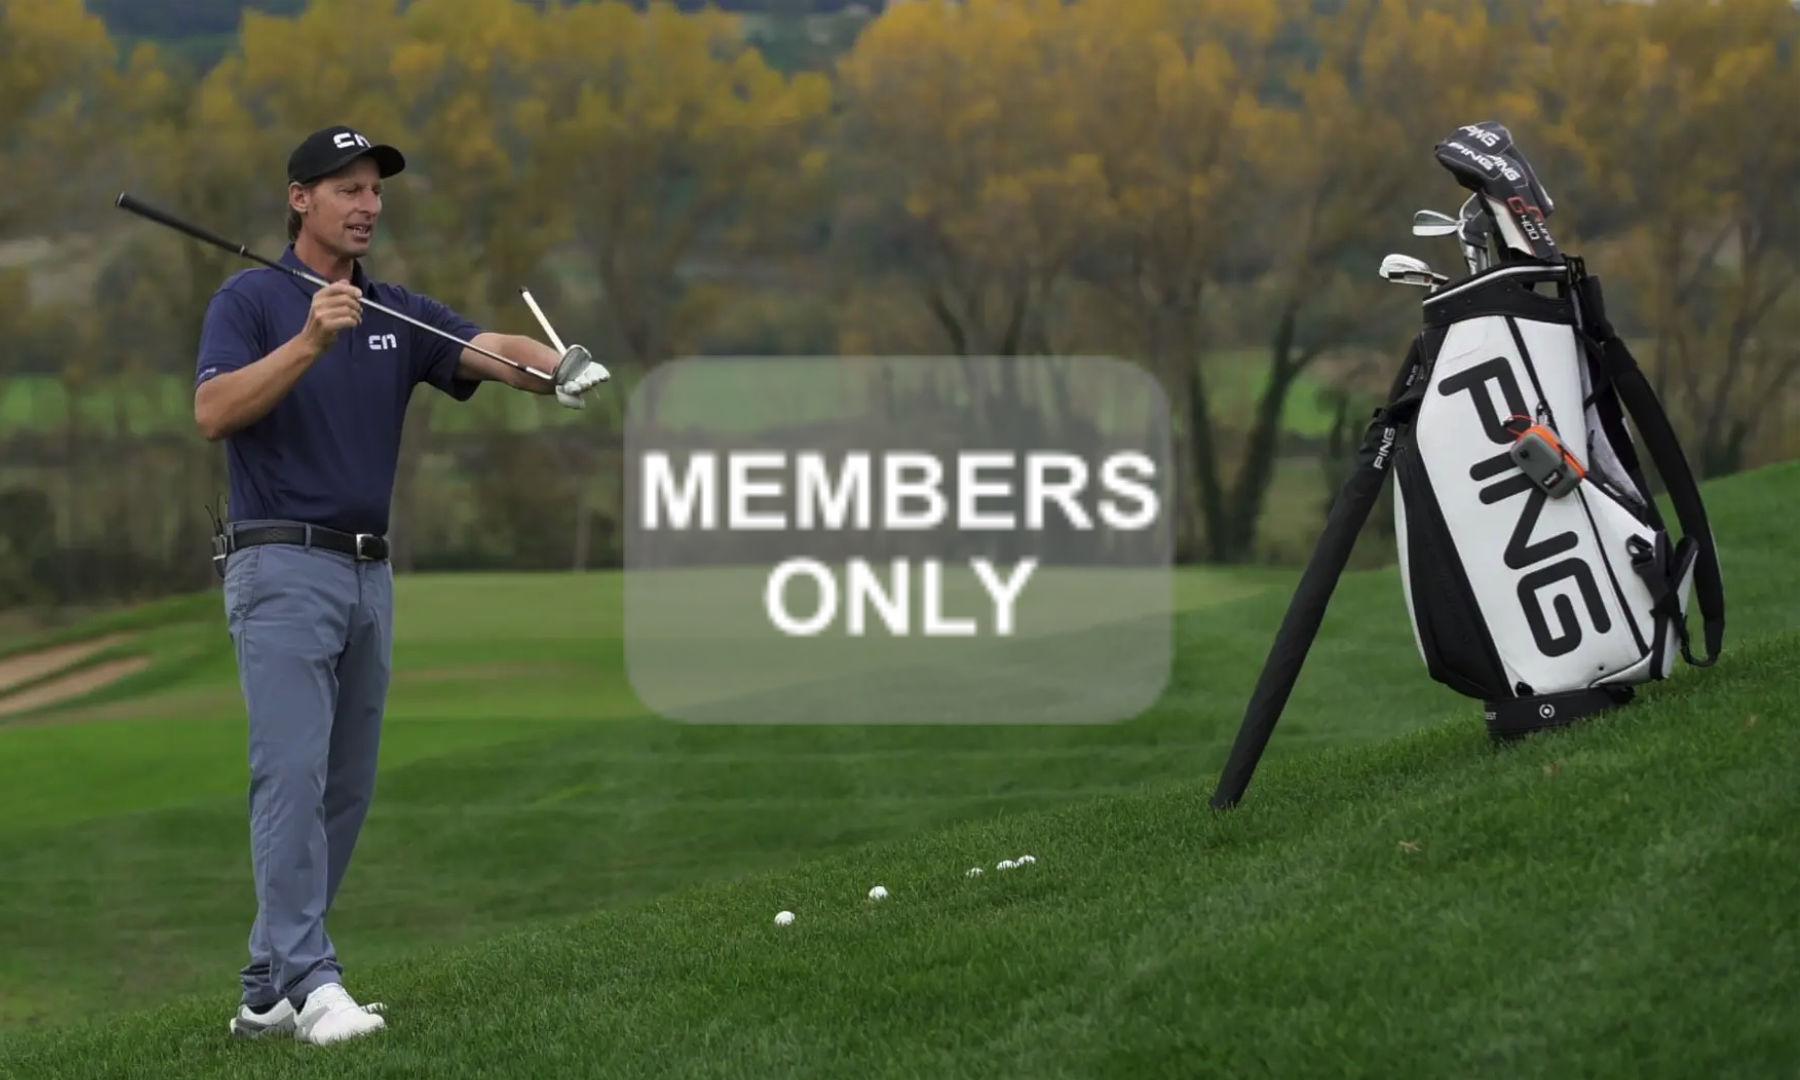 Golftraining in Schräglagen | Hanglagen im Golf lernen Videoportal erklärt | Die Balllage oberhalb